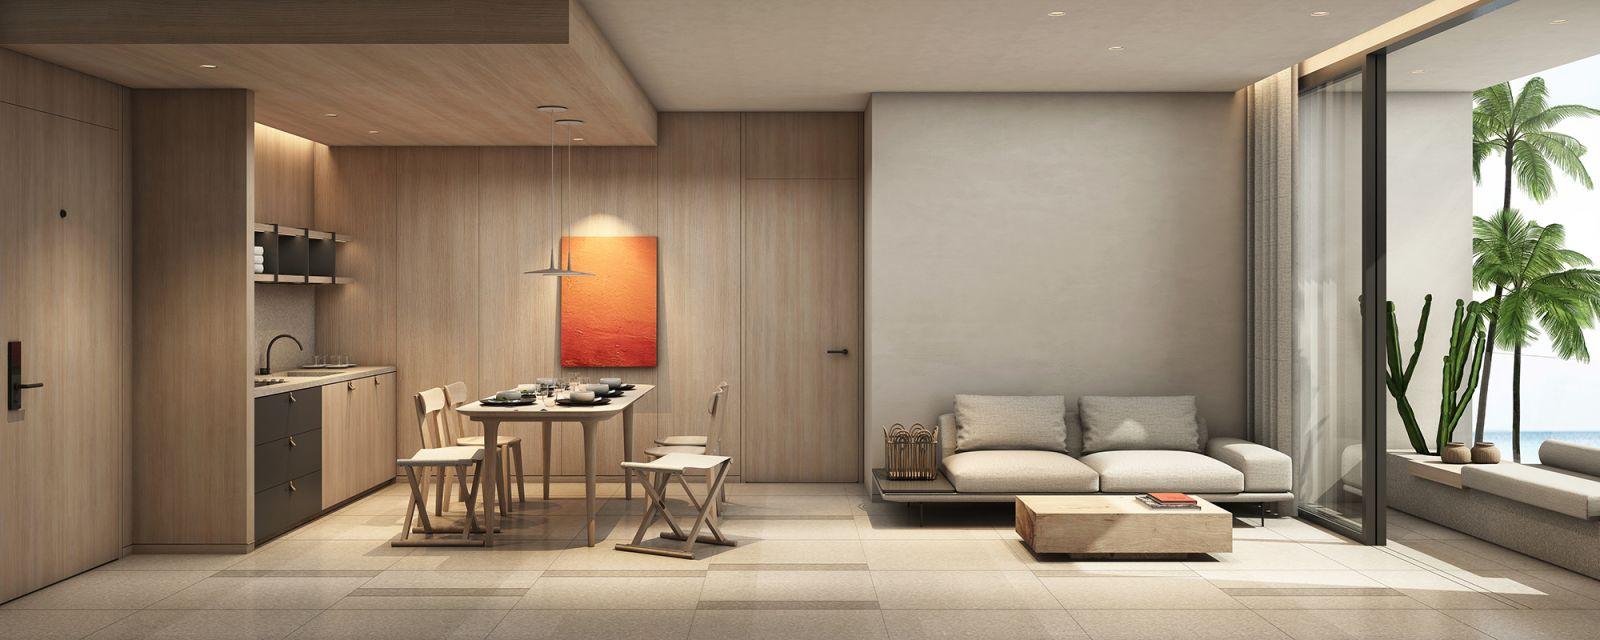 Dự án Aria Đà Nẵng Hotel & Resort (Aria DaNang Hotel And Resort) living room